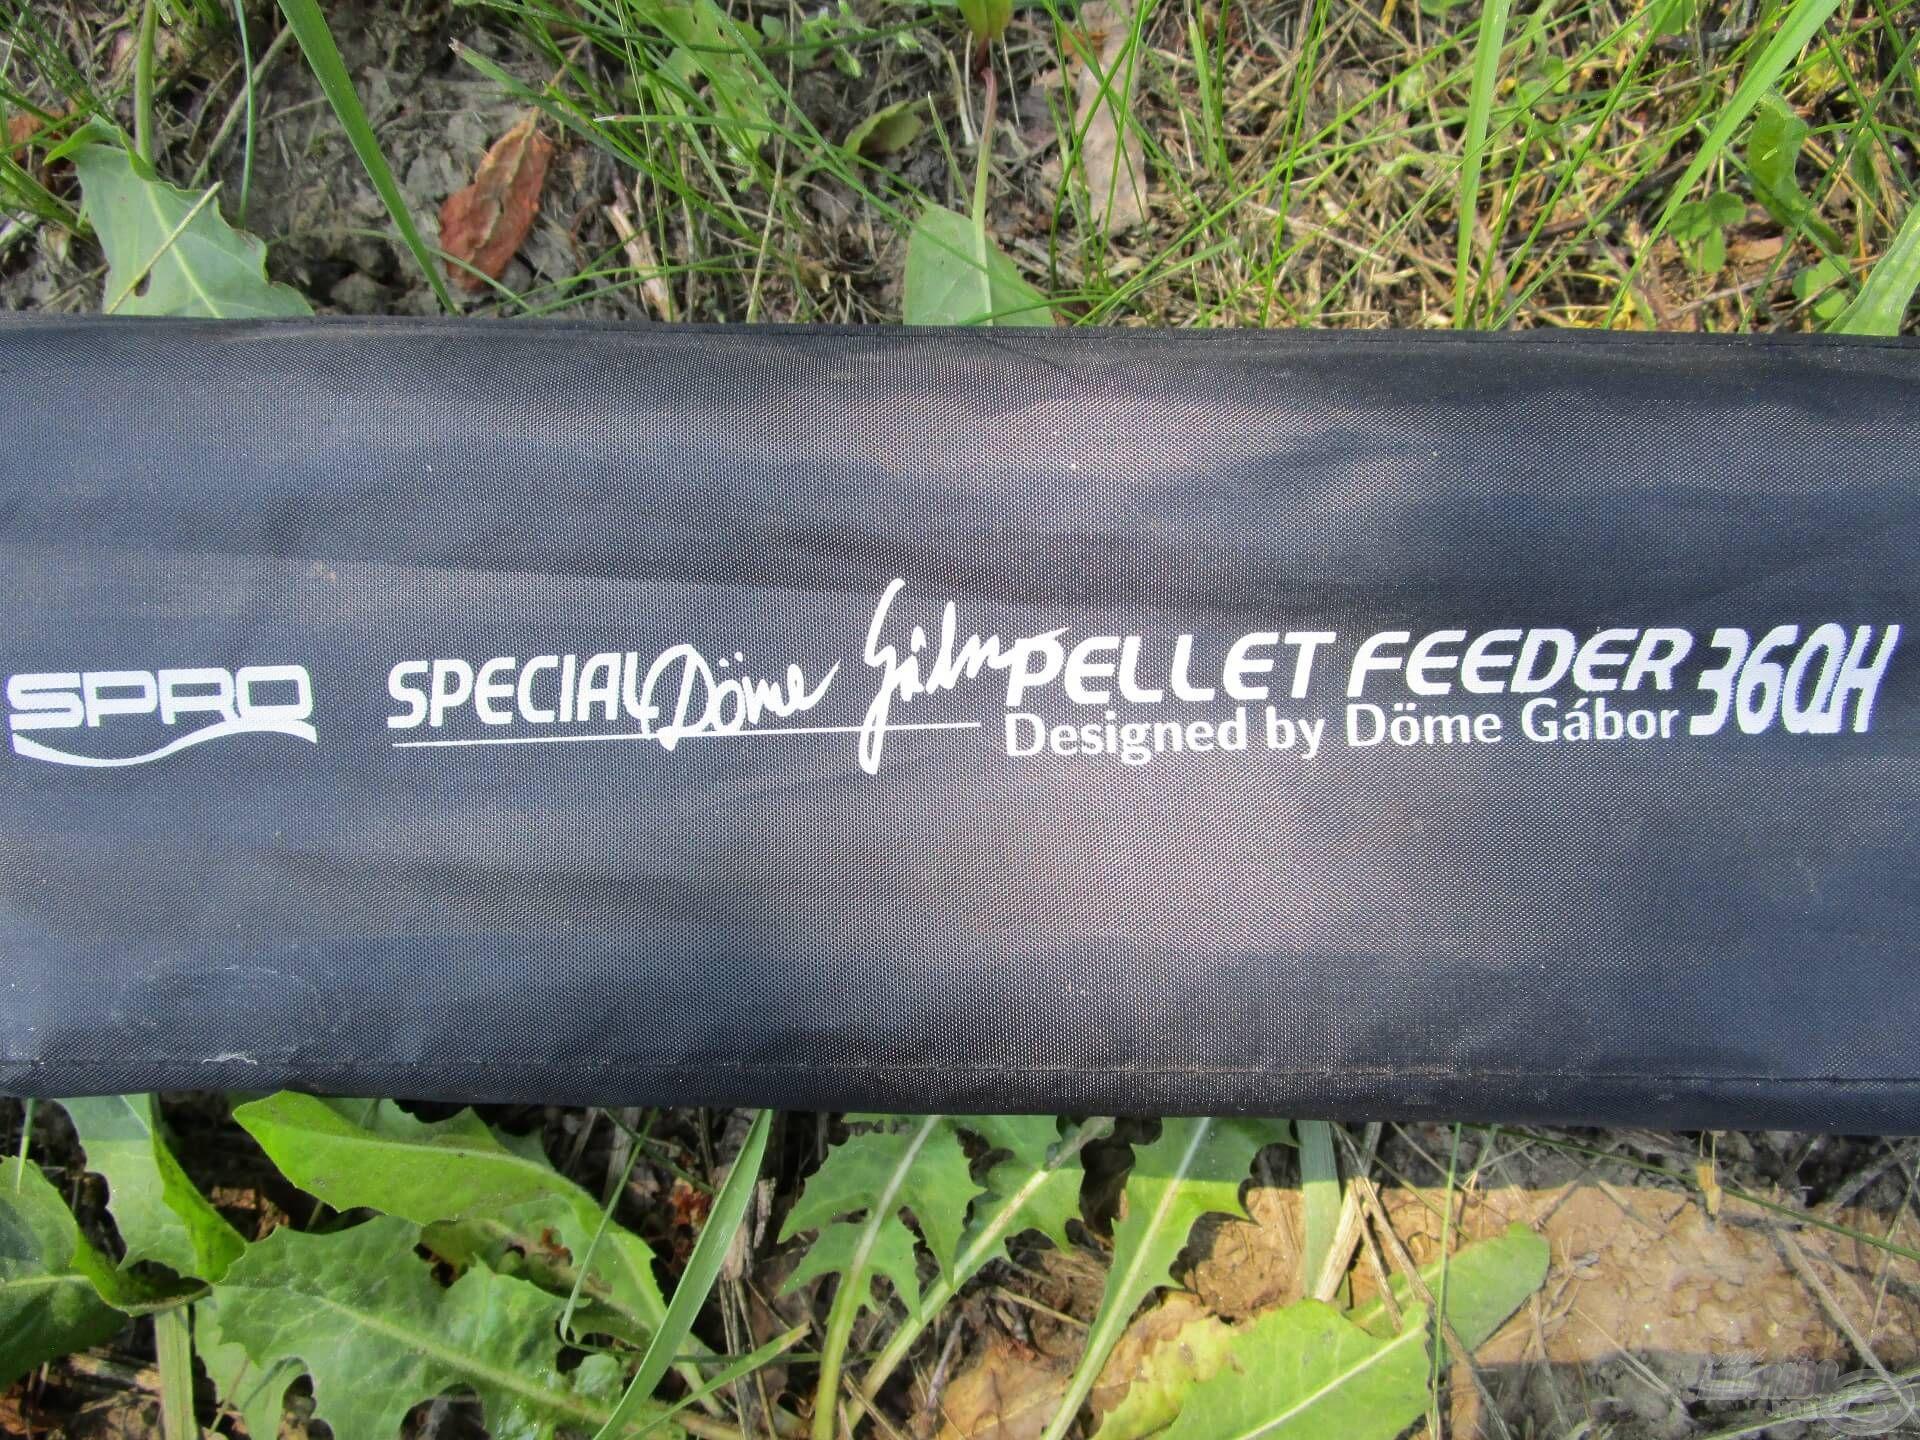 Kedvenc Special Pellet Feeder botom régóta hű társam, a jól megtöltött kosarat könnyedén bedobtam vele a túlparti gyékényes elé